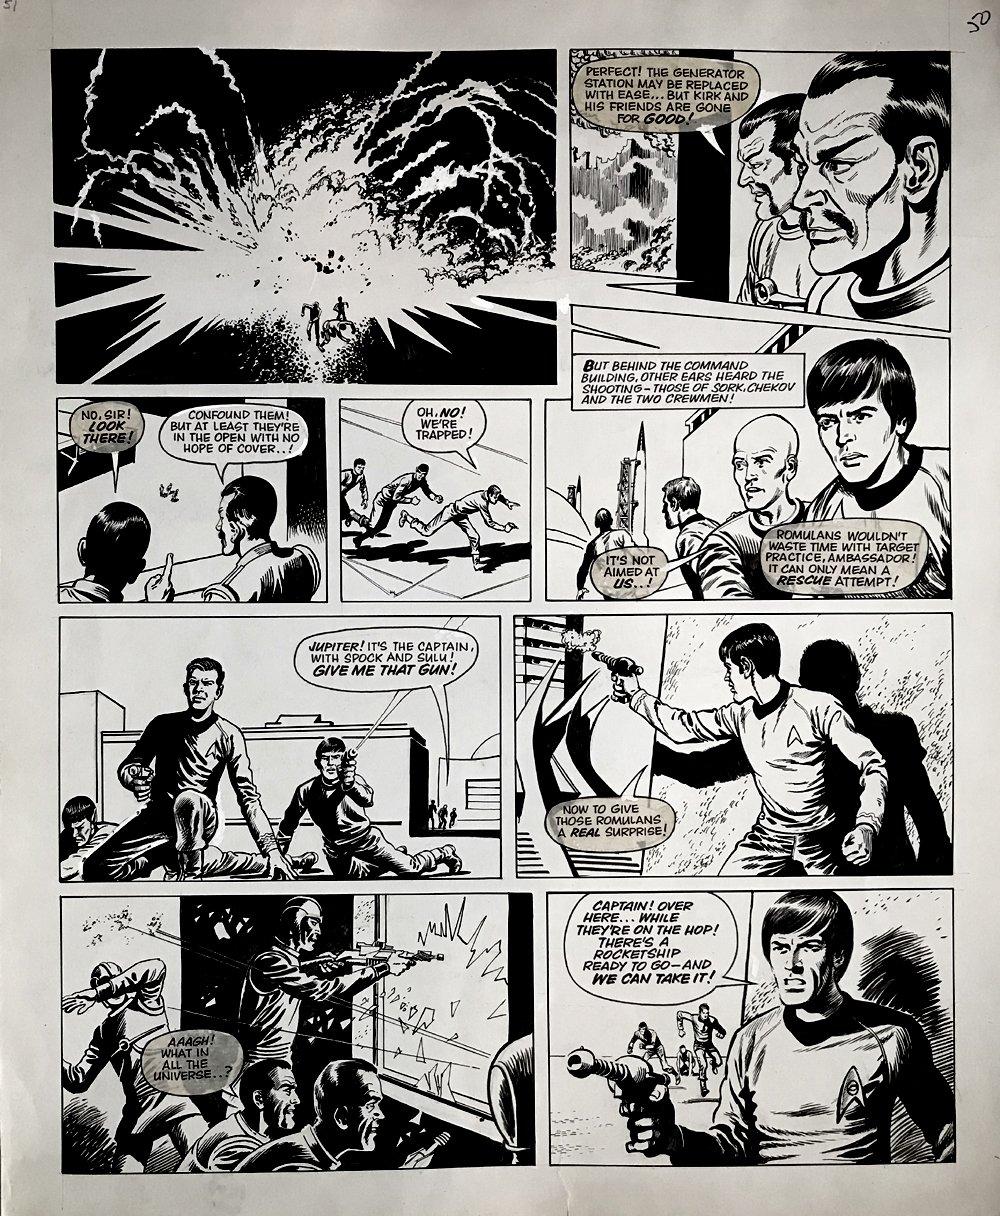 Star Trek Newspaper Strip (HUGE) 10-14-1972